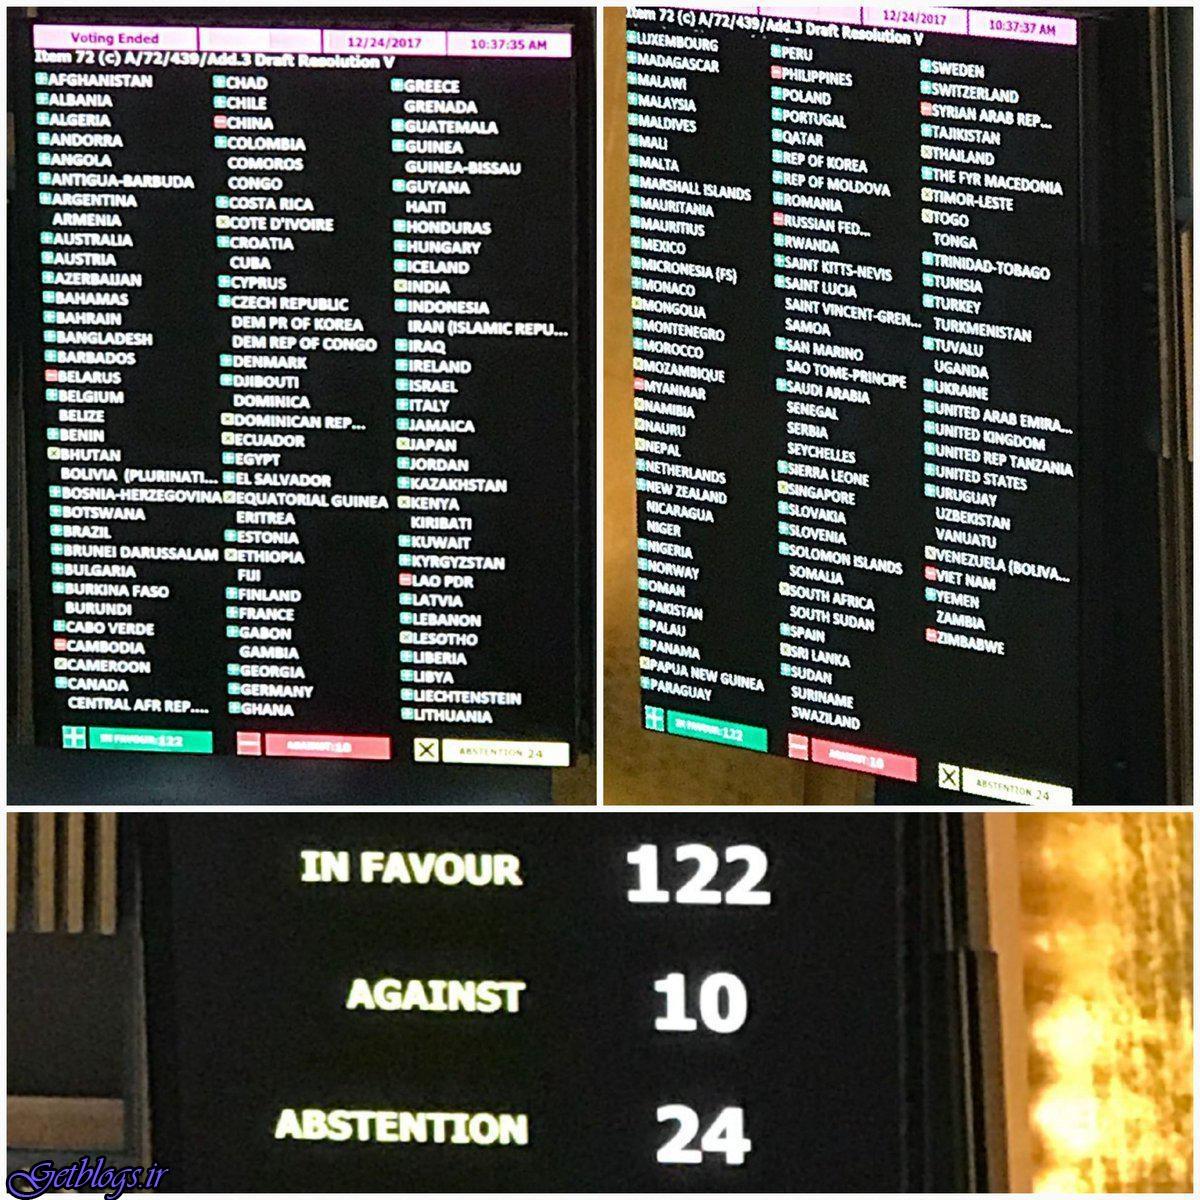 کشور عزیزمان ایران در صف حامیان دولت میانمار ، کشور عزیزمان ایران غیبت کرد، محکومیت میانمار در شرکت ملل